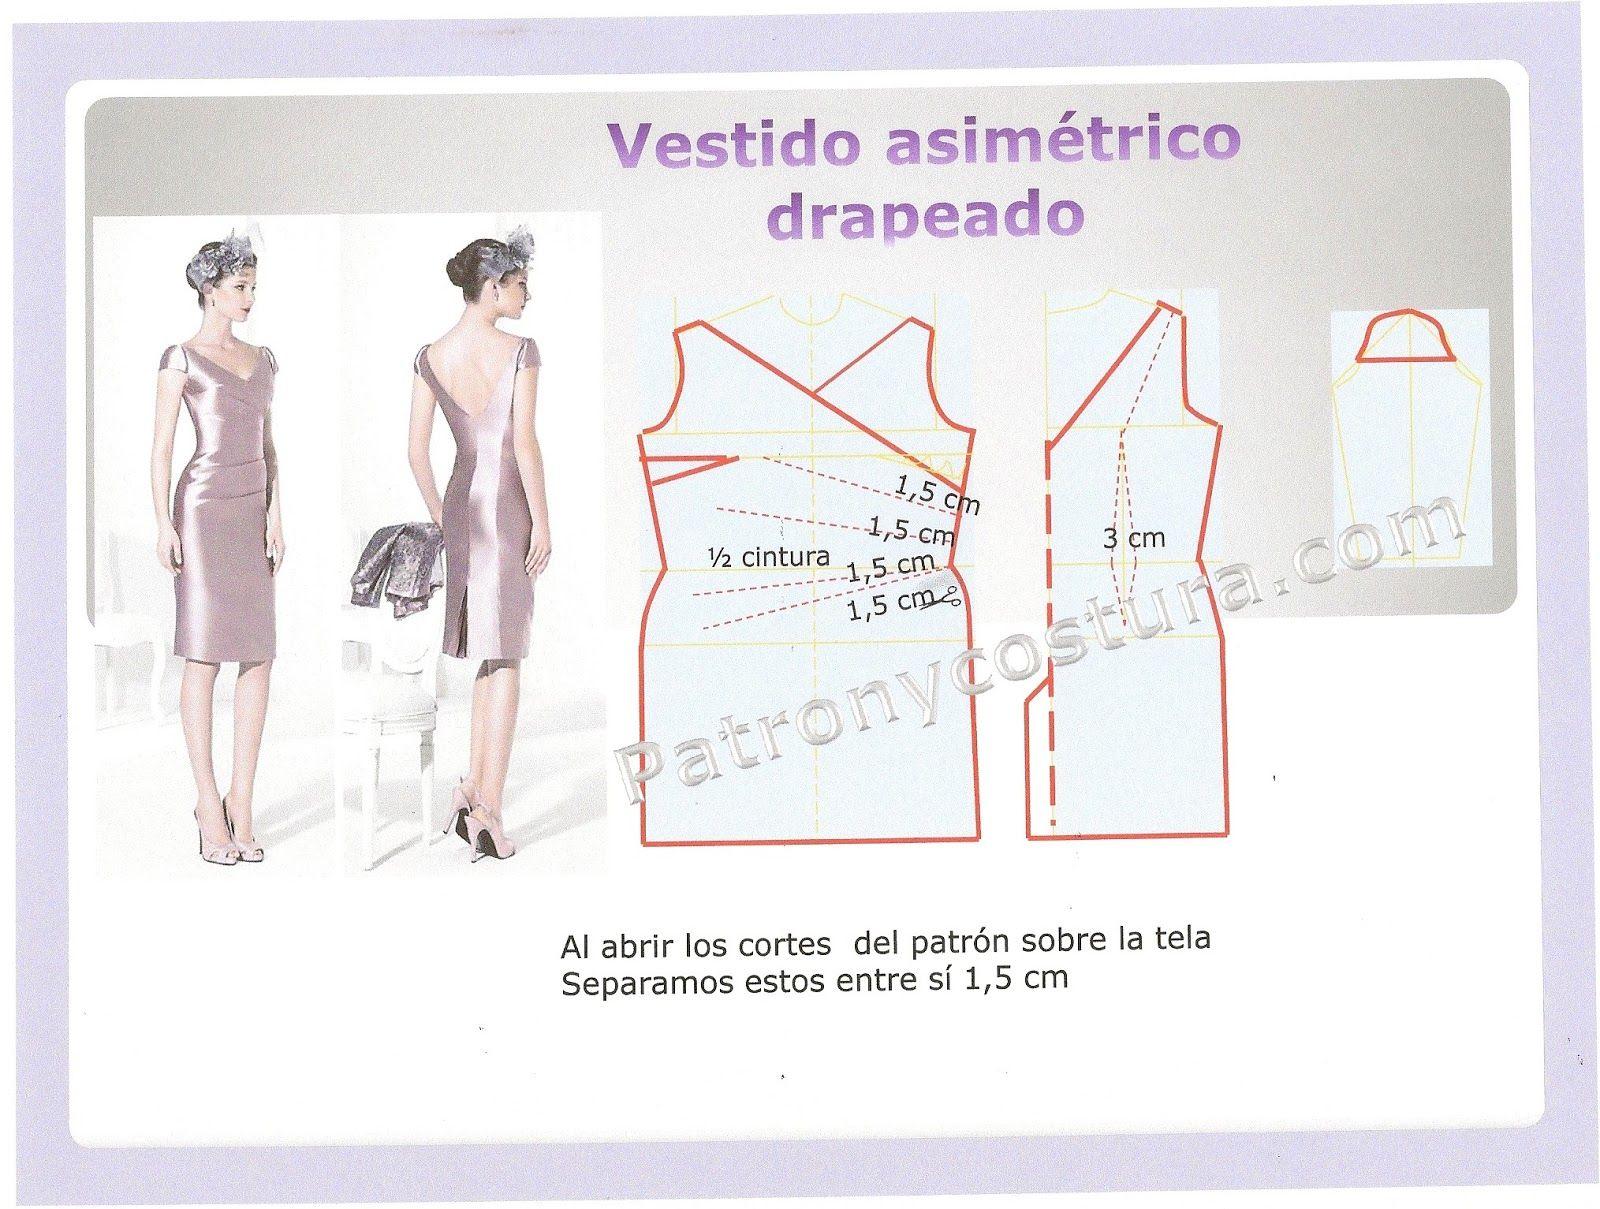 Patrón y costura : diy vestido asimétrico drapeado.Tema 114 | Dress ...